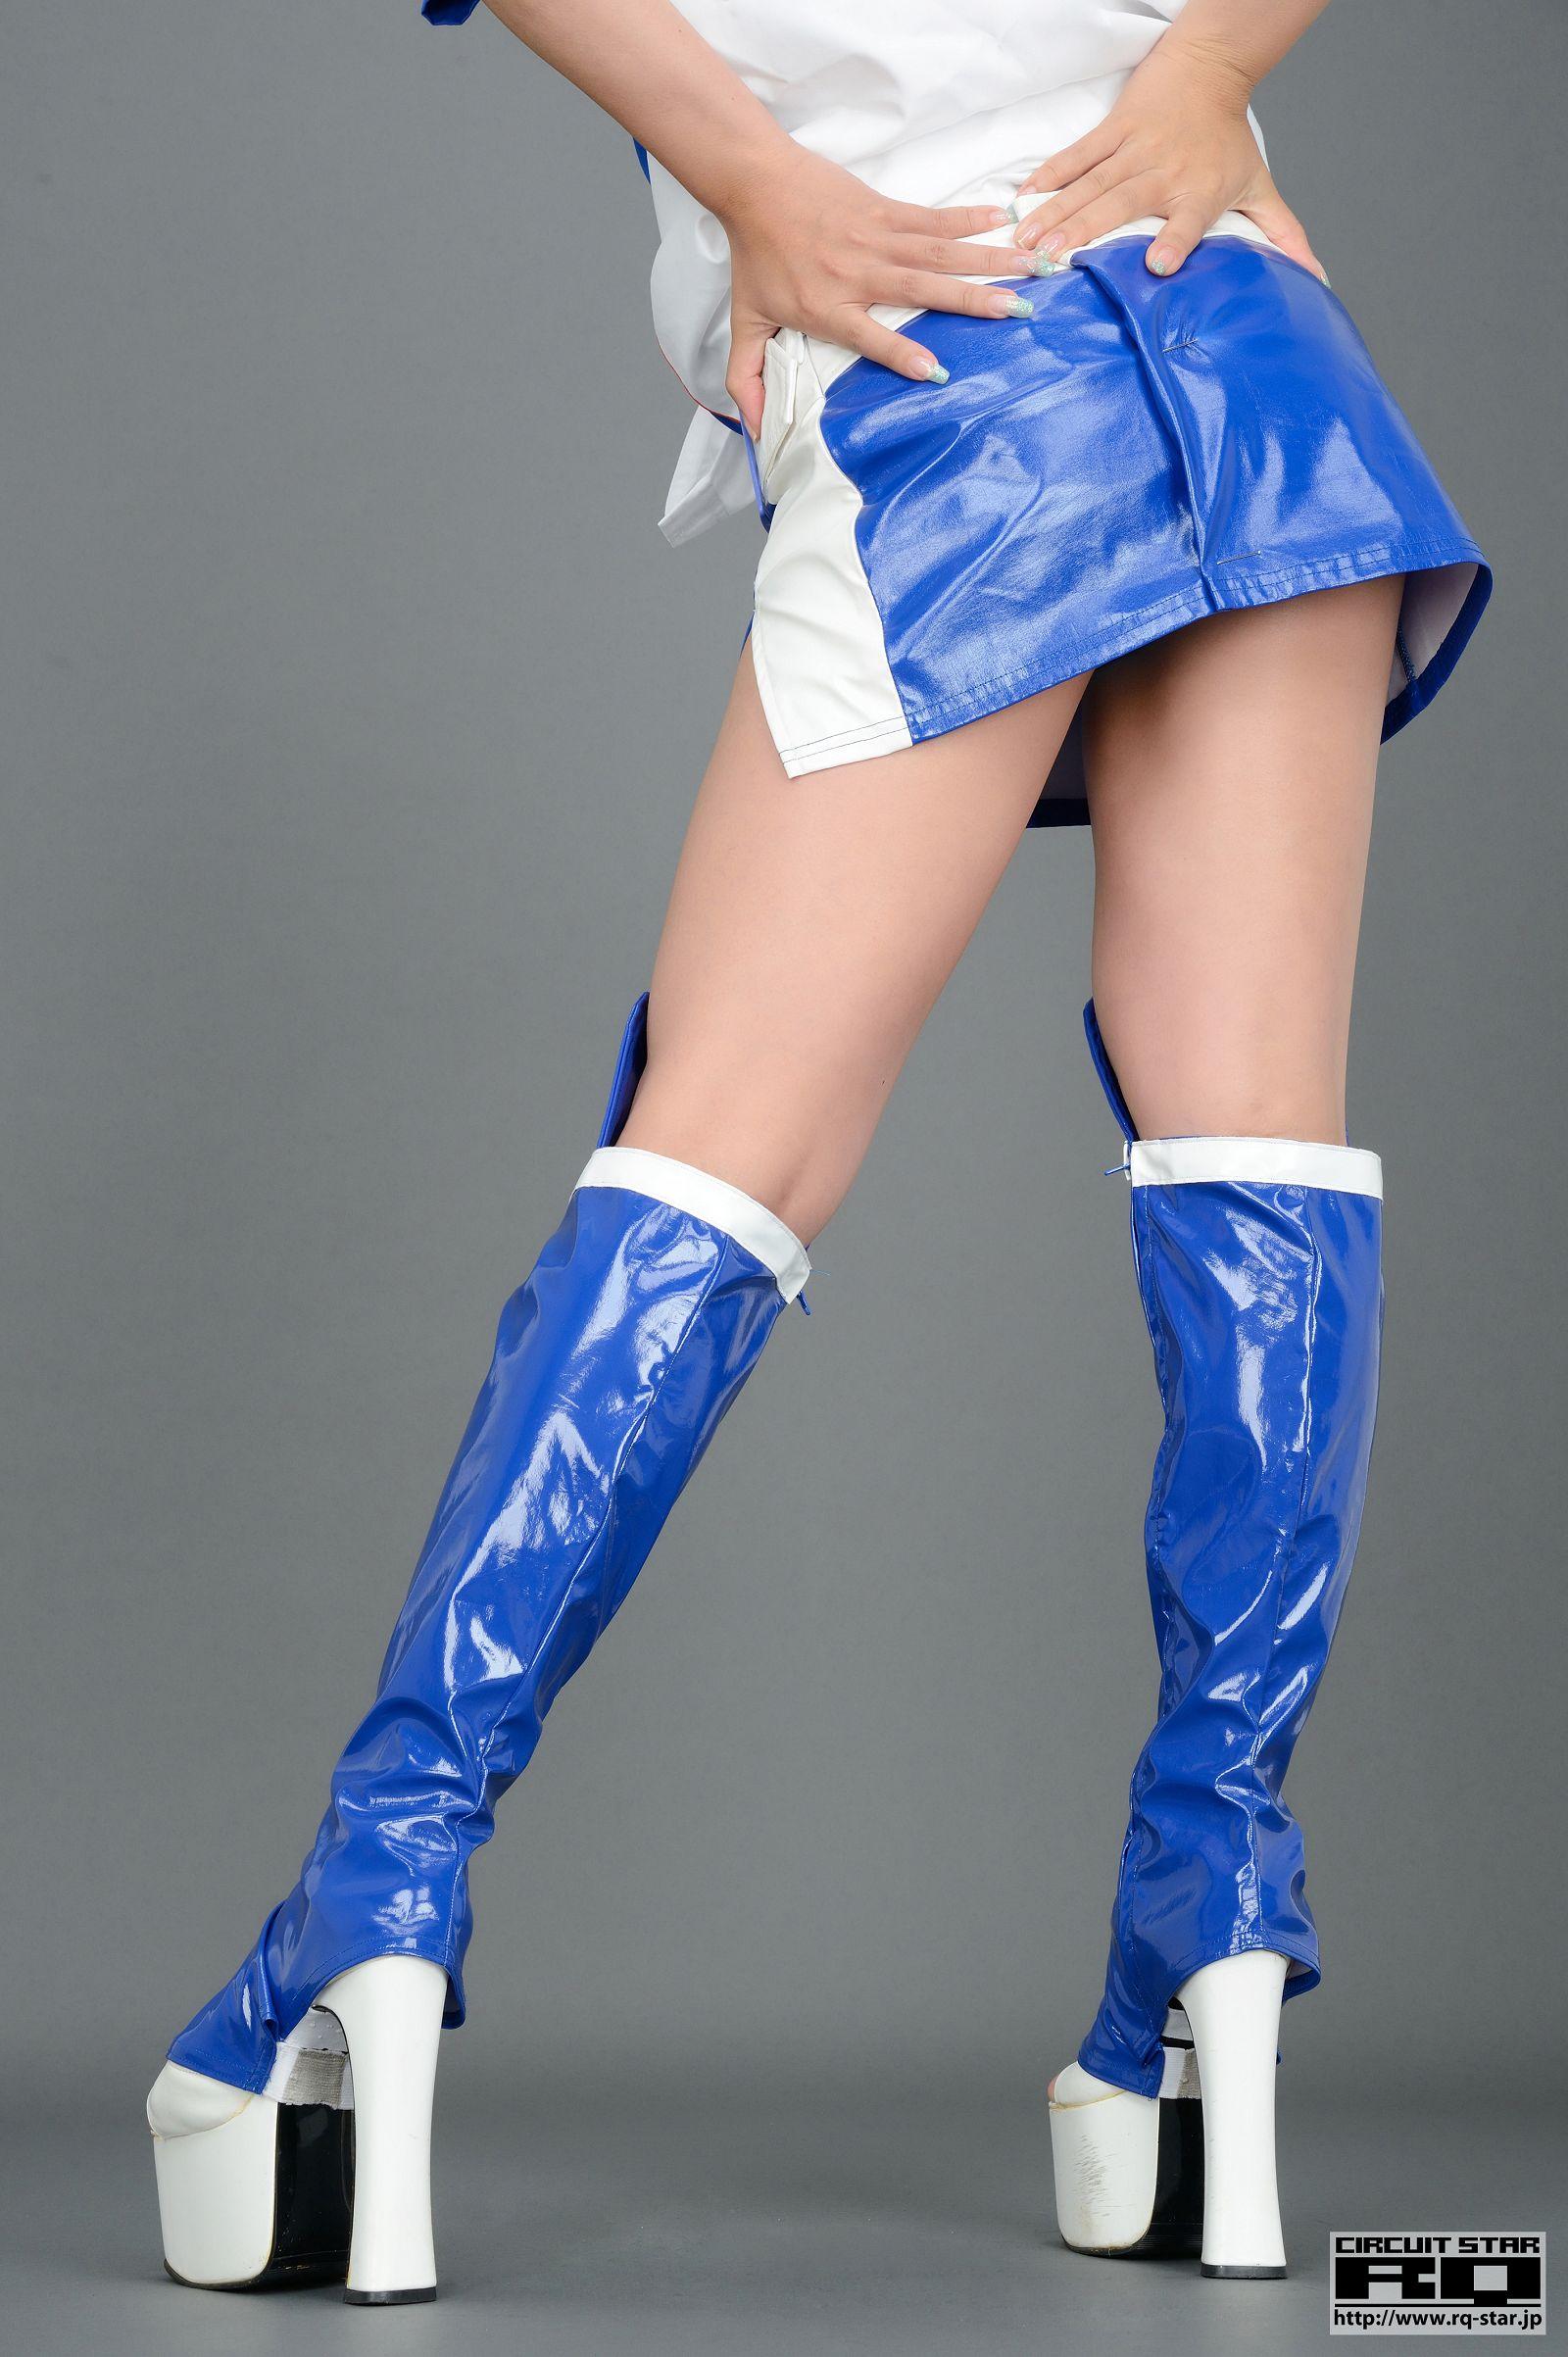 [RQ STAR美女] NO.00837 Ikumi Otsuka 大塚郁実 Race Queen[80P] RQ STAR 第4张